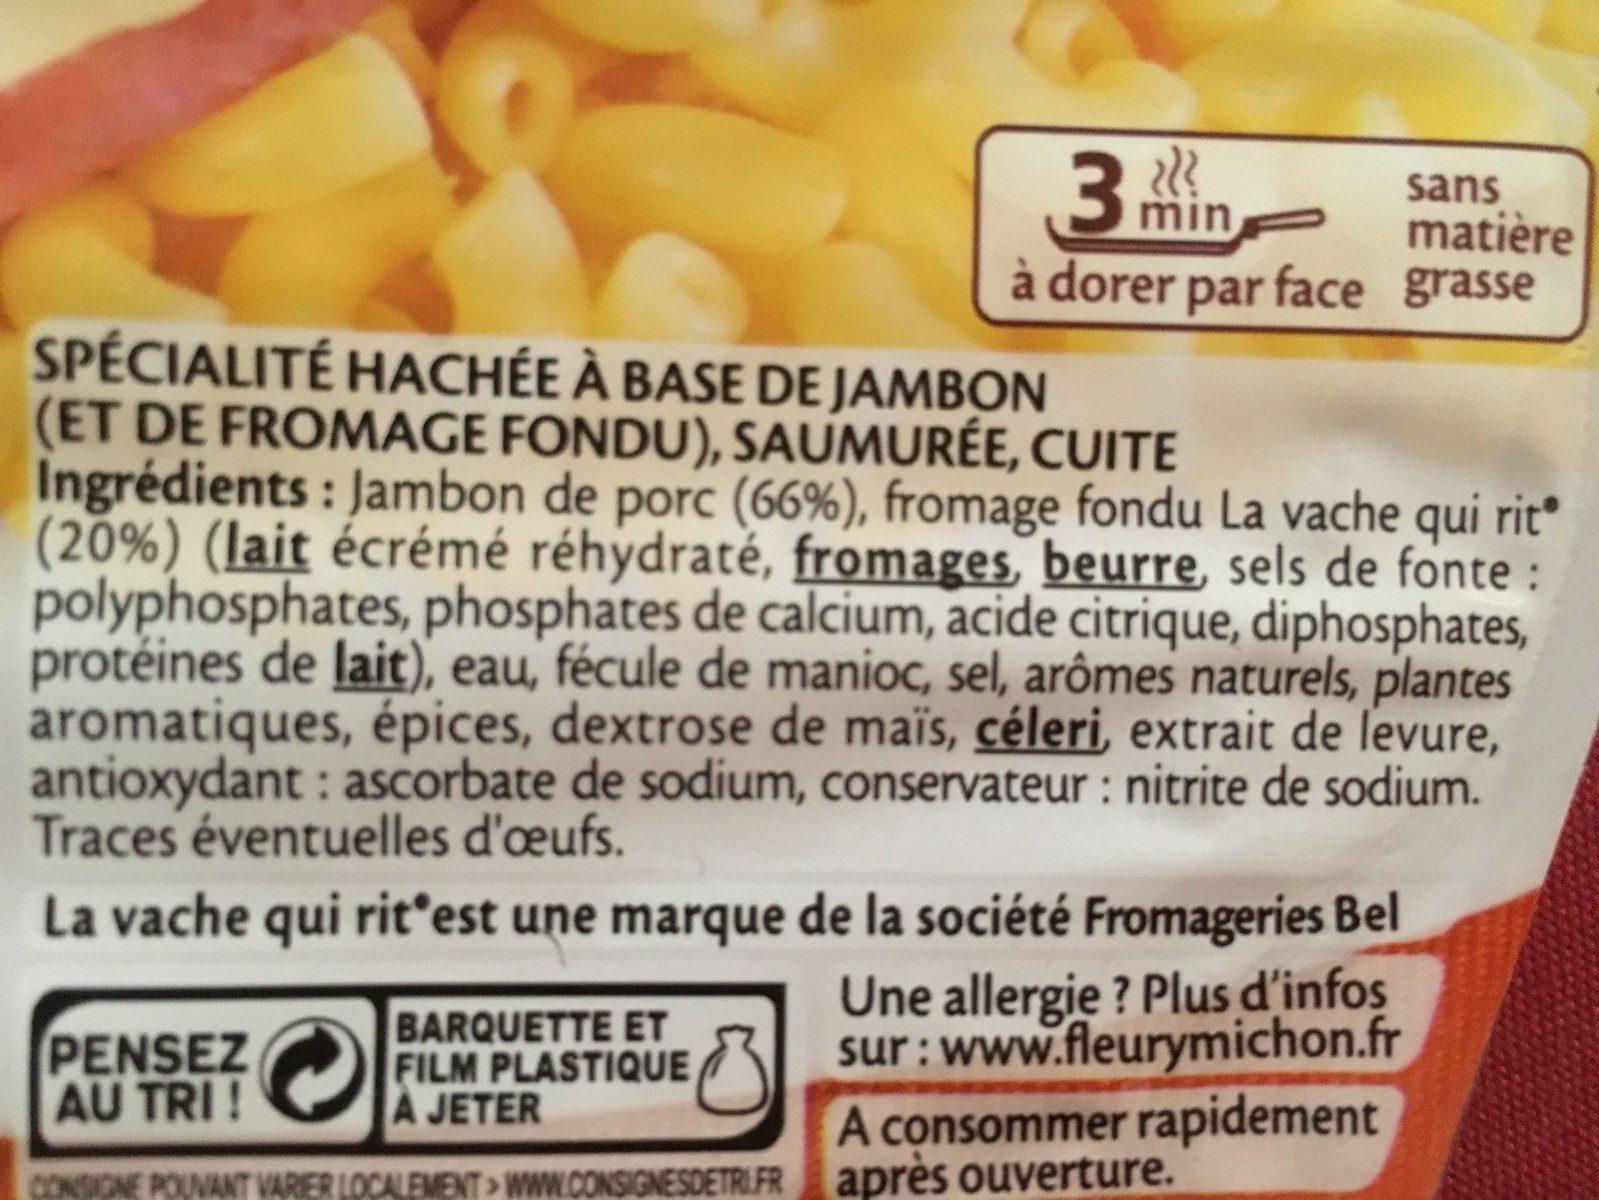 Le haché jambon au fromage la vache qui rit® - 2 pièces - Ingrédients - fr